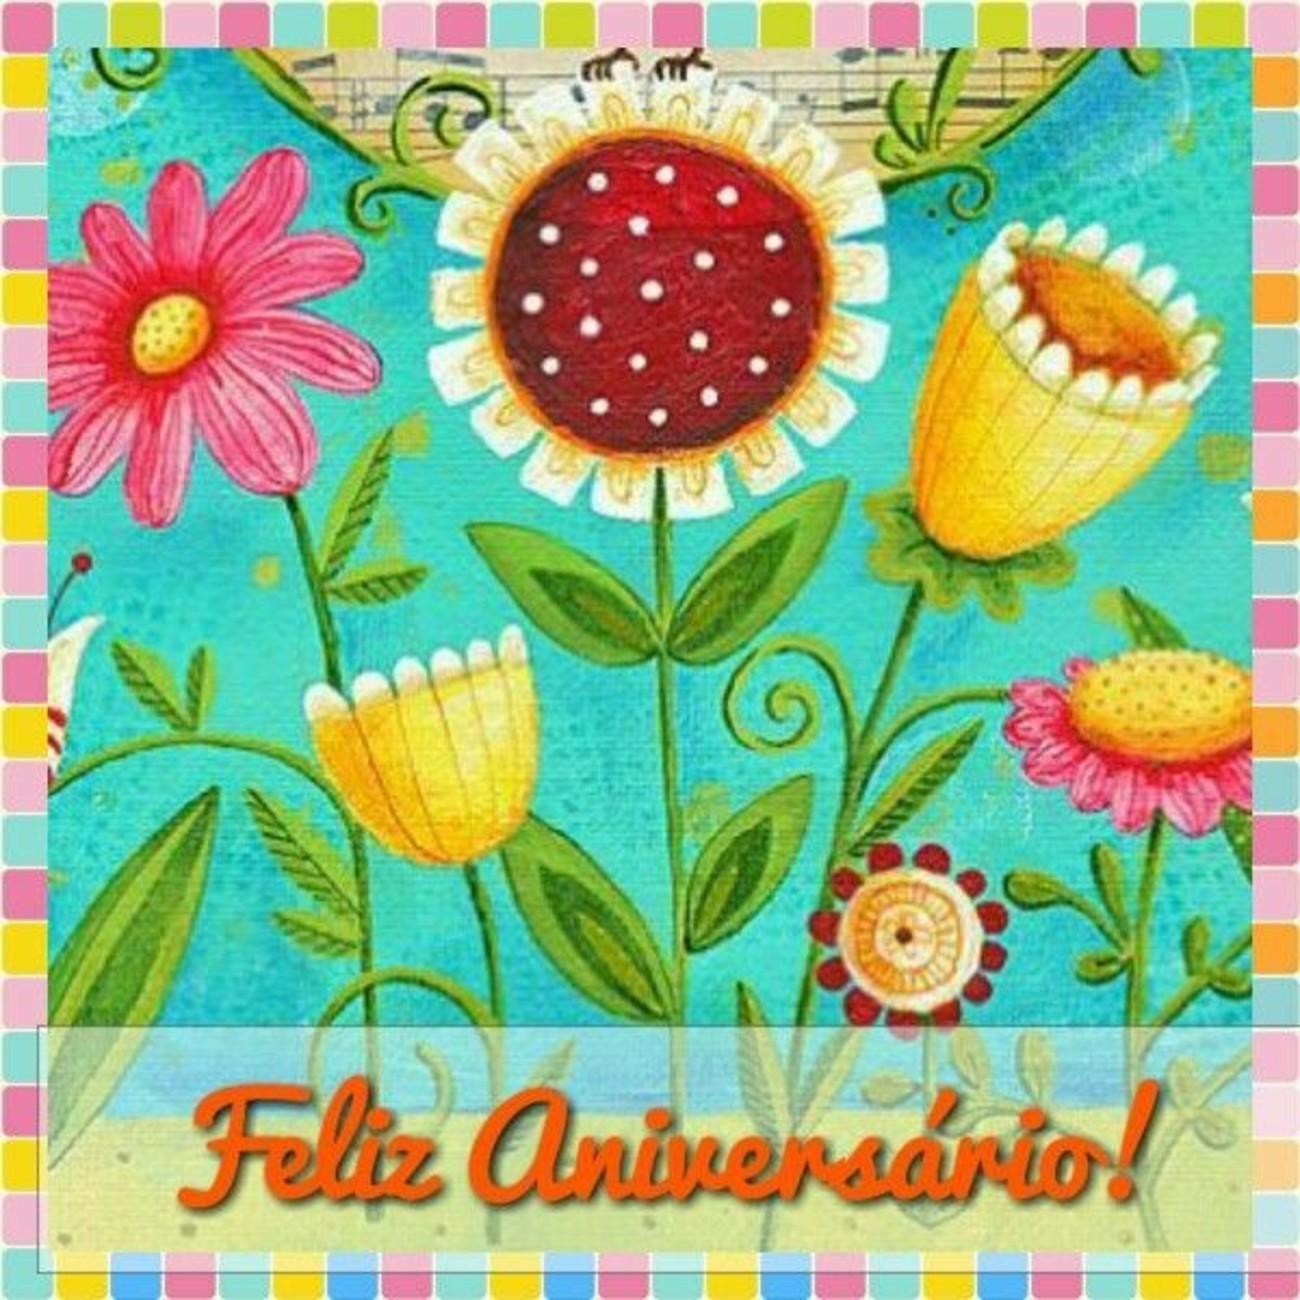 Mensagens bonitas Feliz Aniversário 184